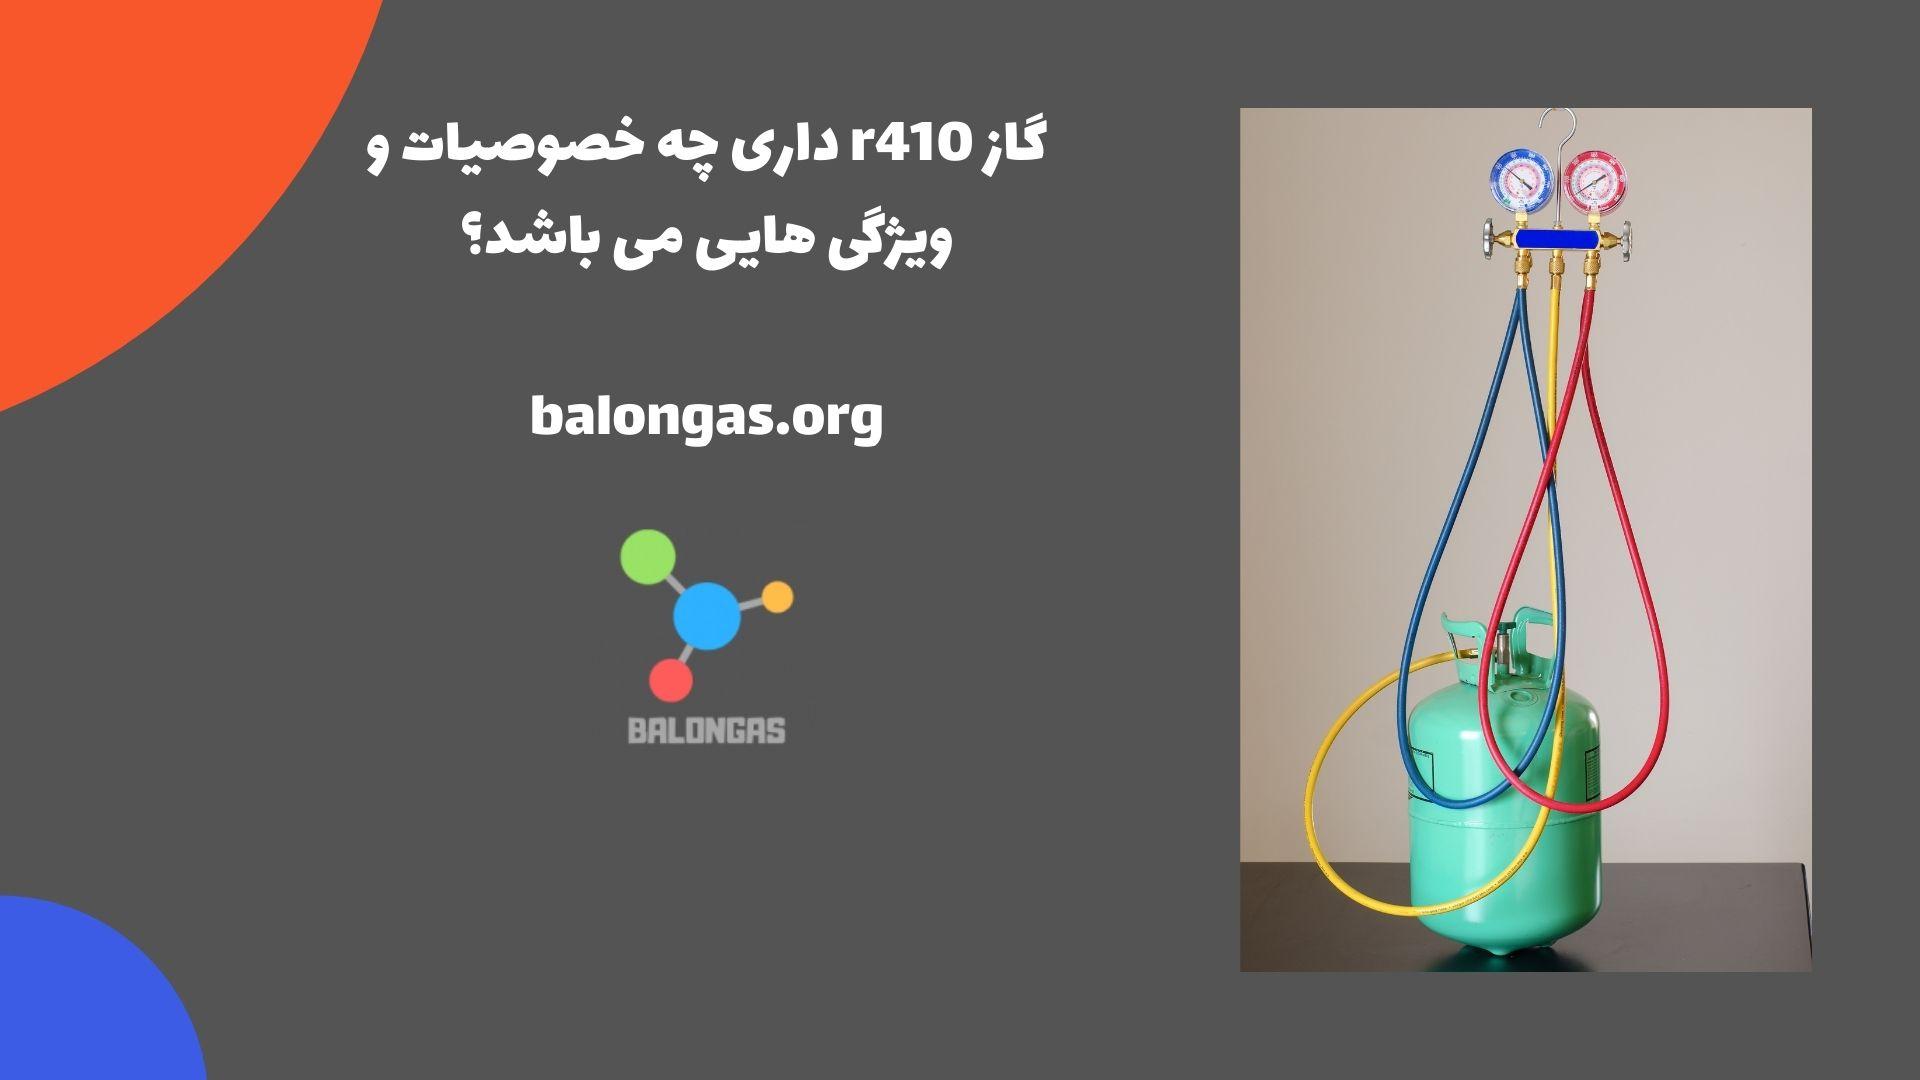 گاز r410 داری چه خصوصیات و ویژگی هایی می باشد؟